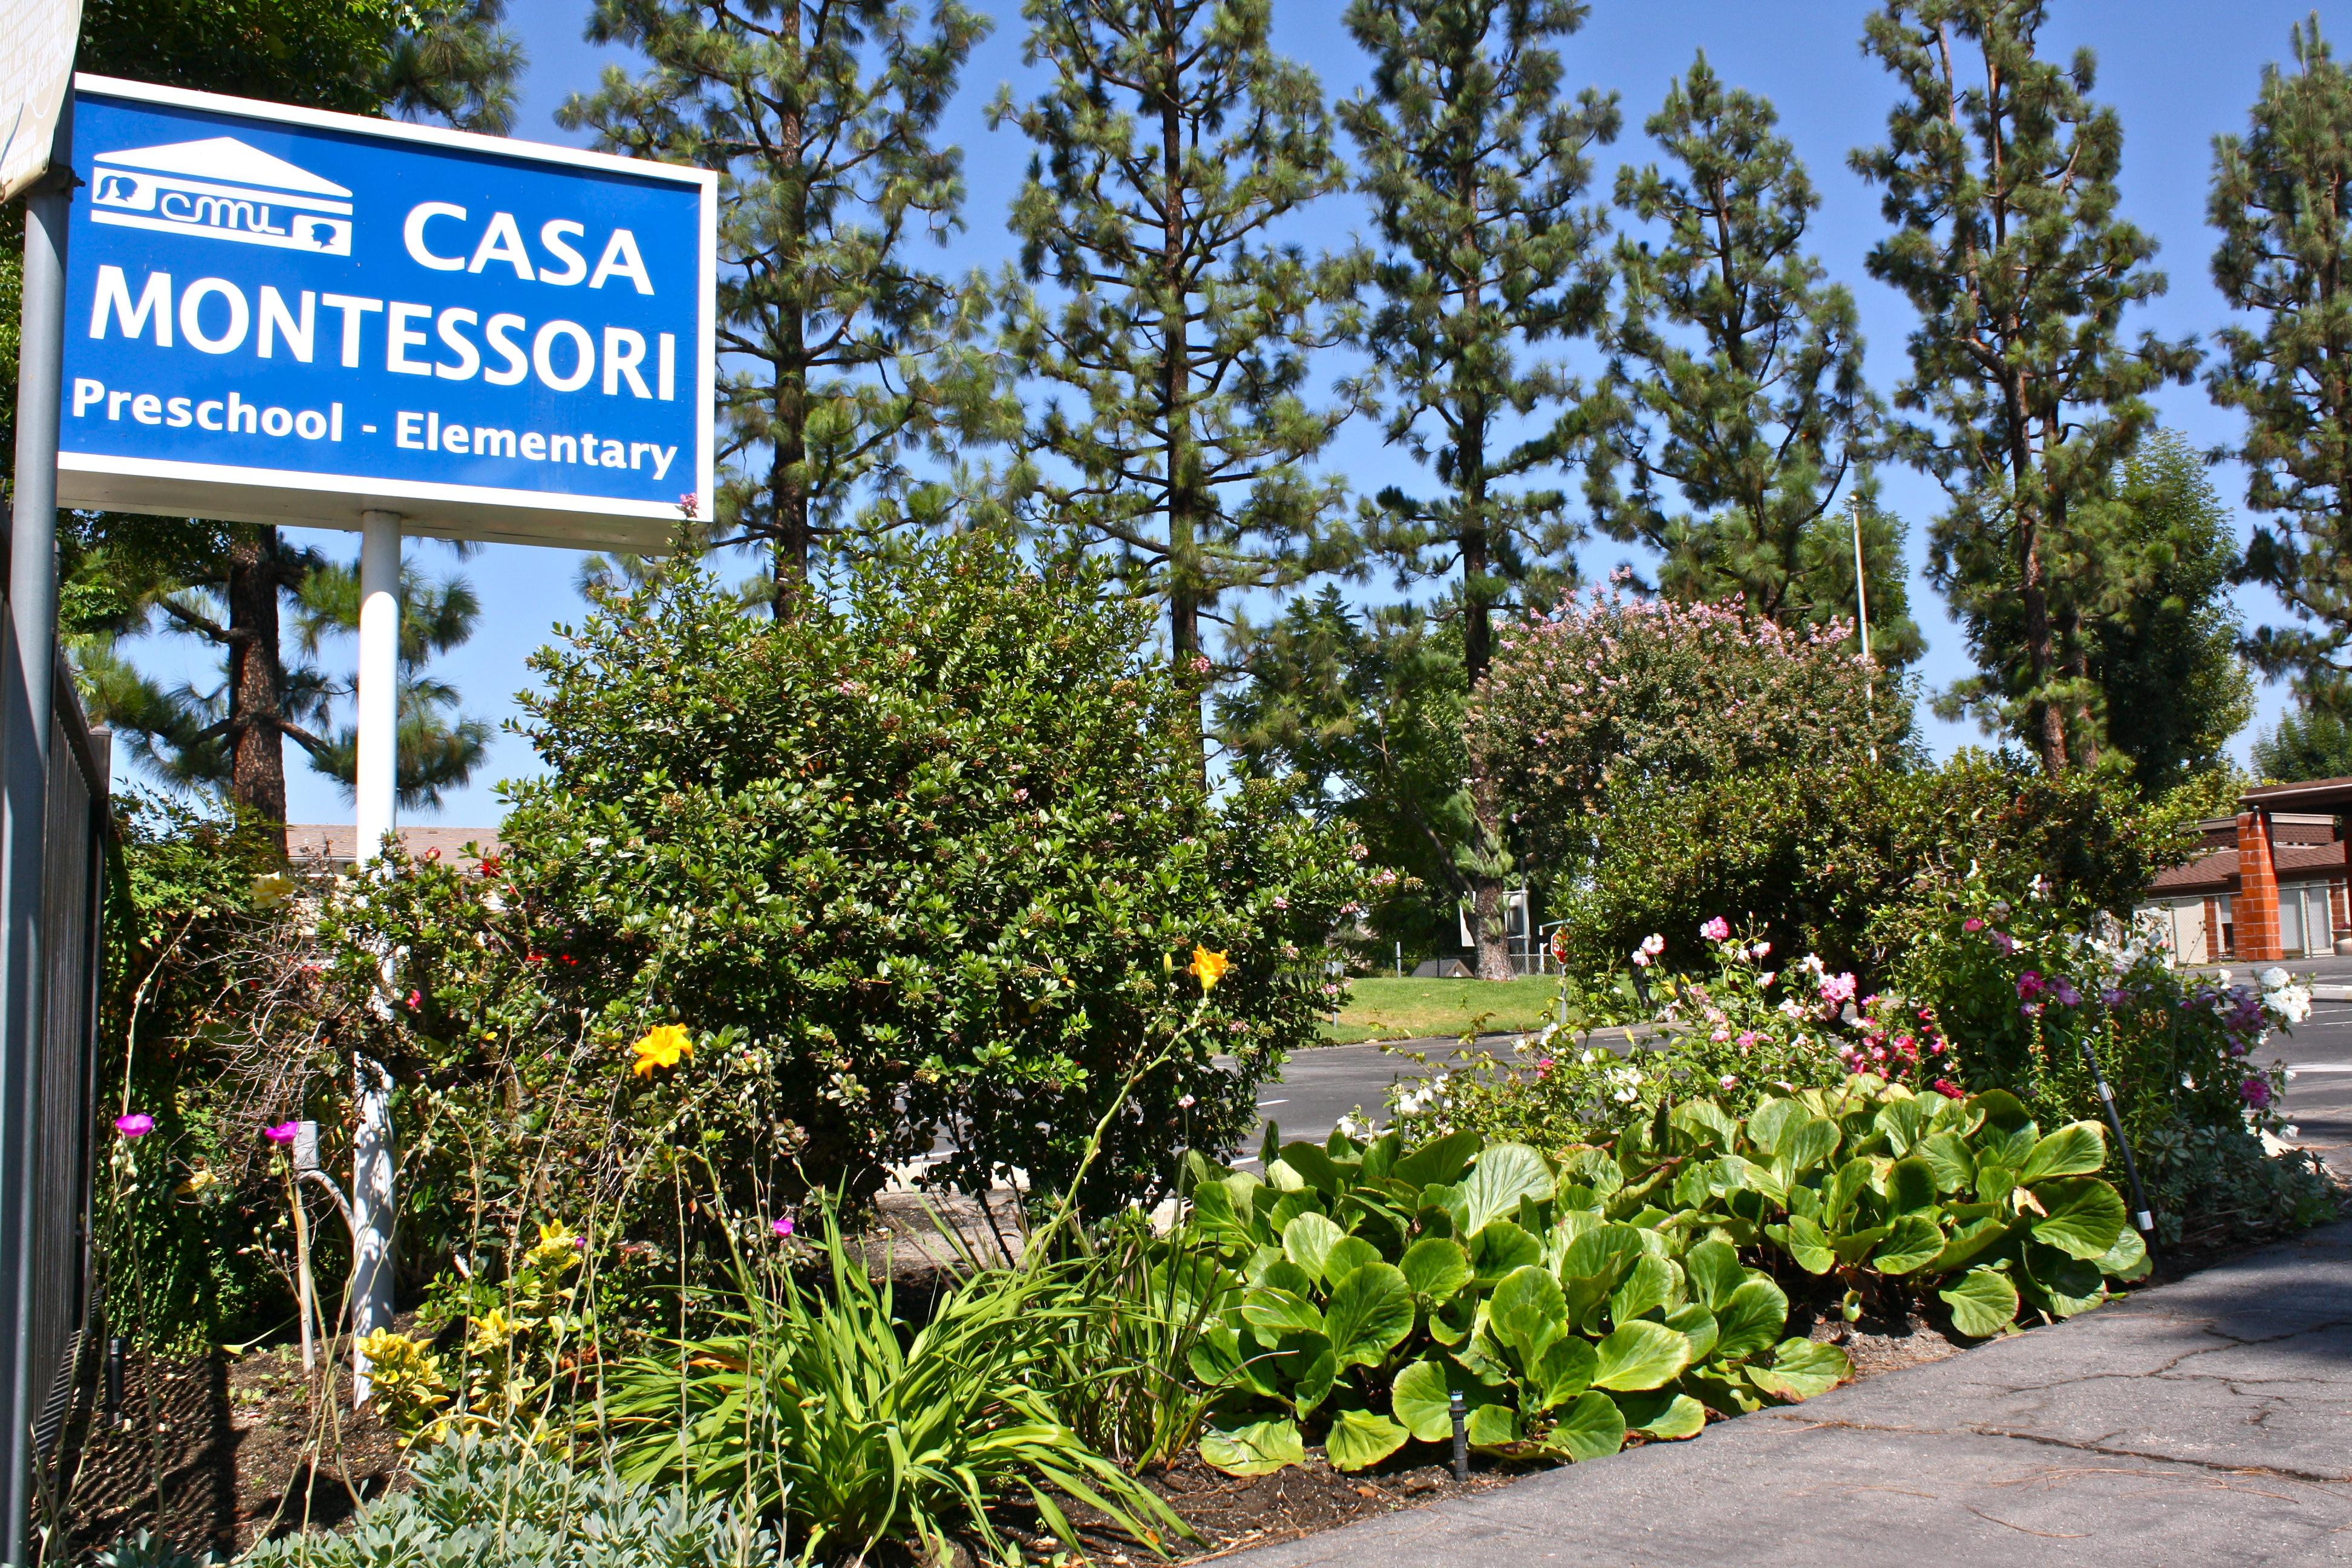 Casa Montessori in Northridge